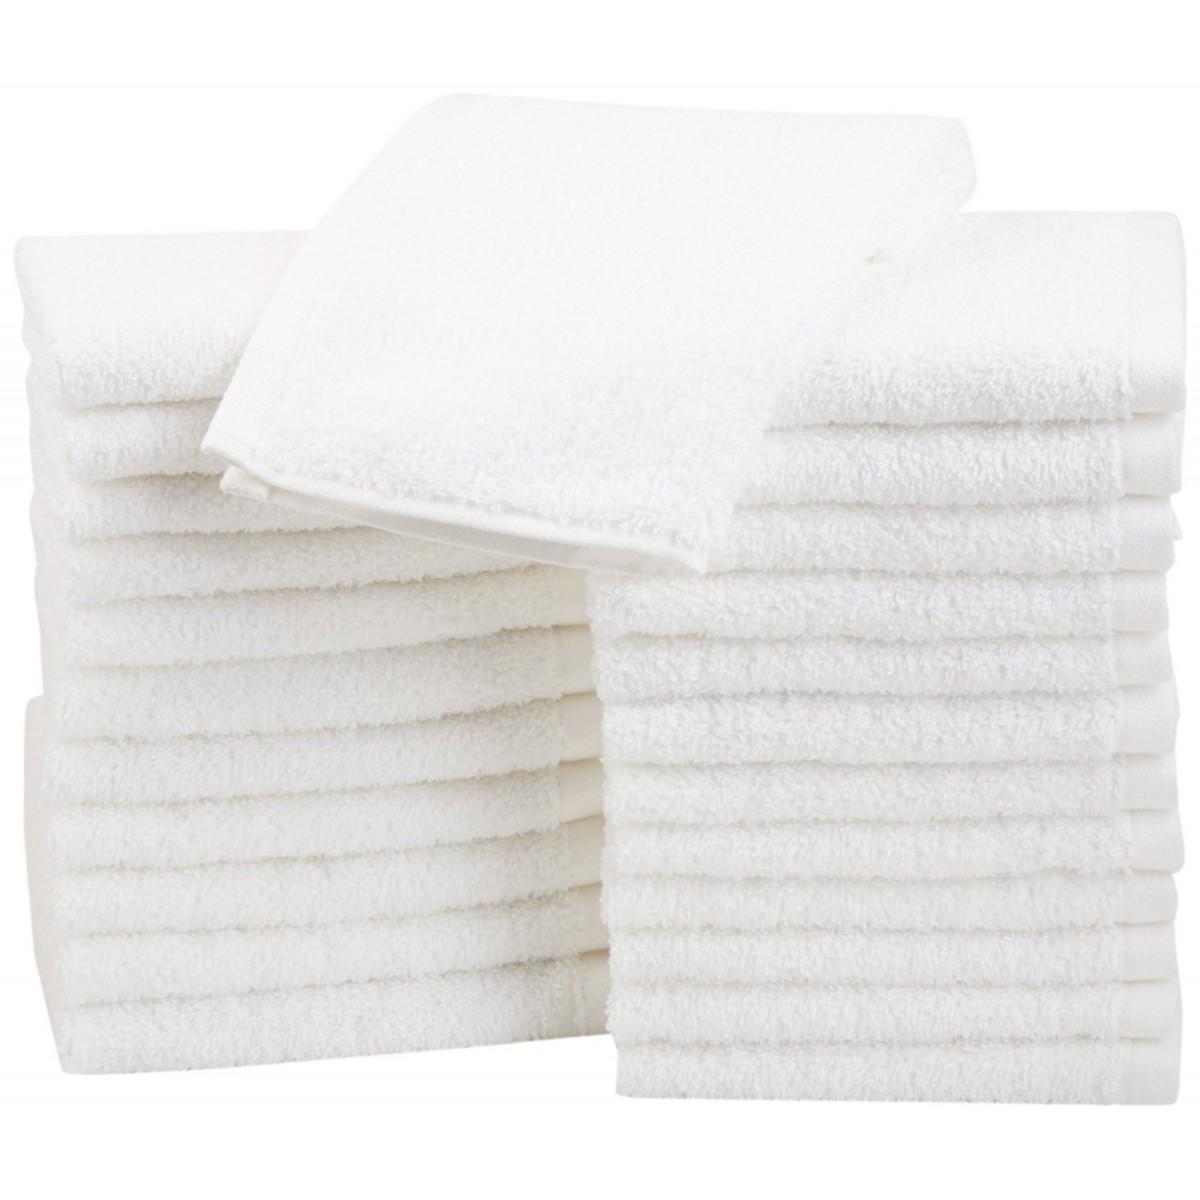 serviettes et draps de bain divers dimensions 500gr m pur coton egyptien blanc hotel prix ttc